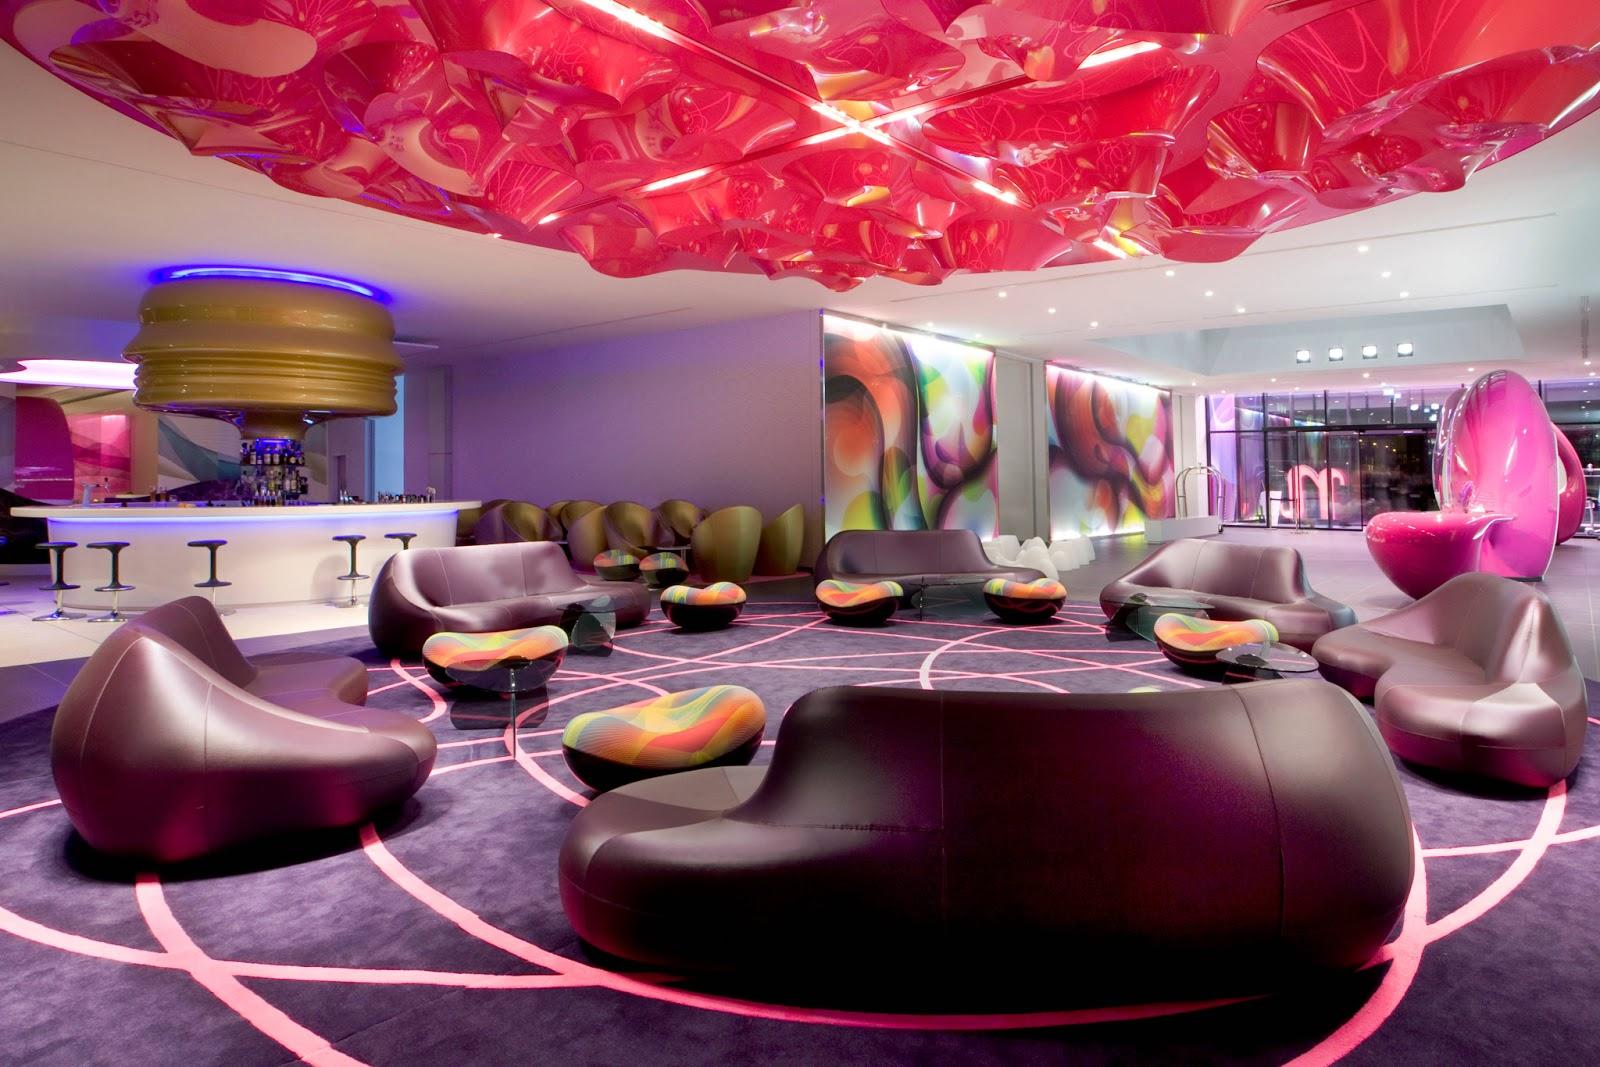 Amedeo liberatoscioli nhow berlin hotel for Interior architecture berlin